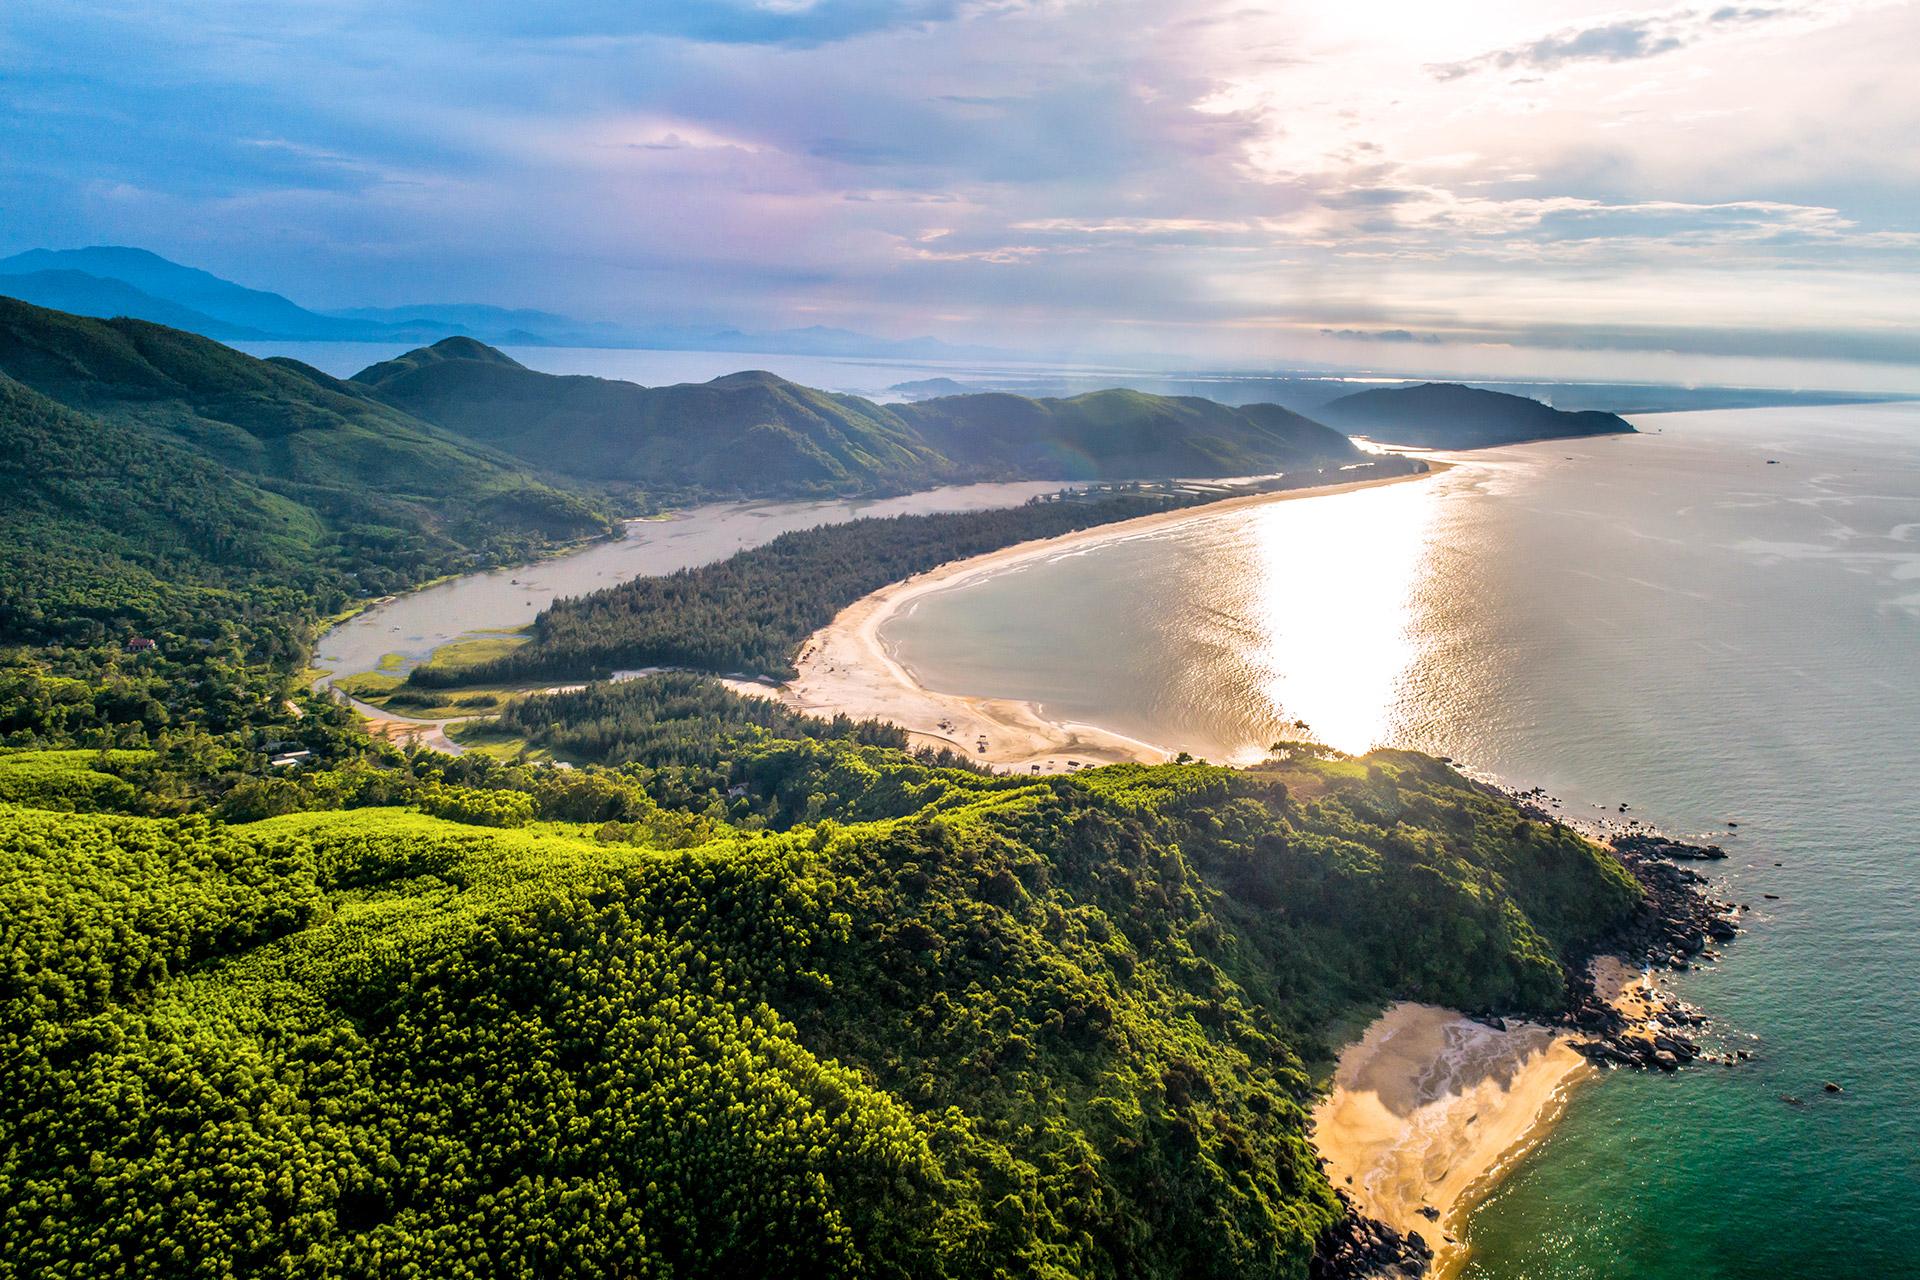 Vẻ đẹp nguyên sơ của vịnh Lăng Cô